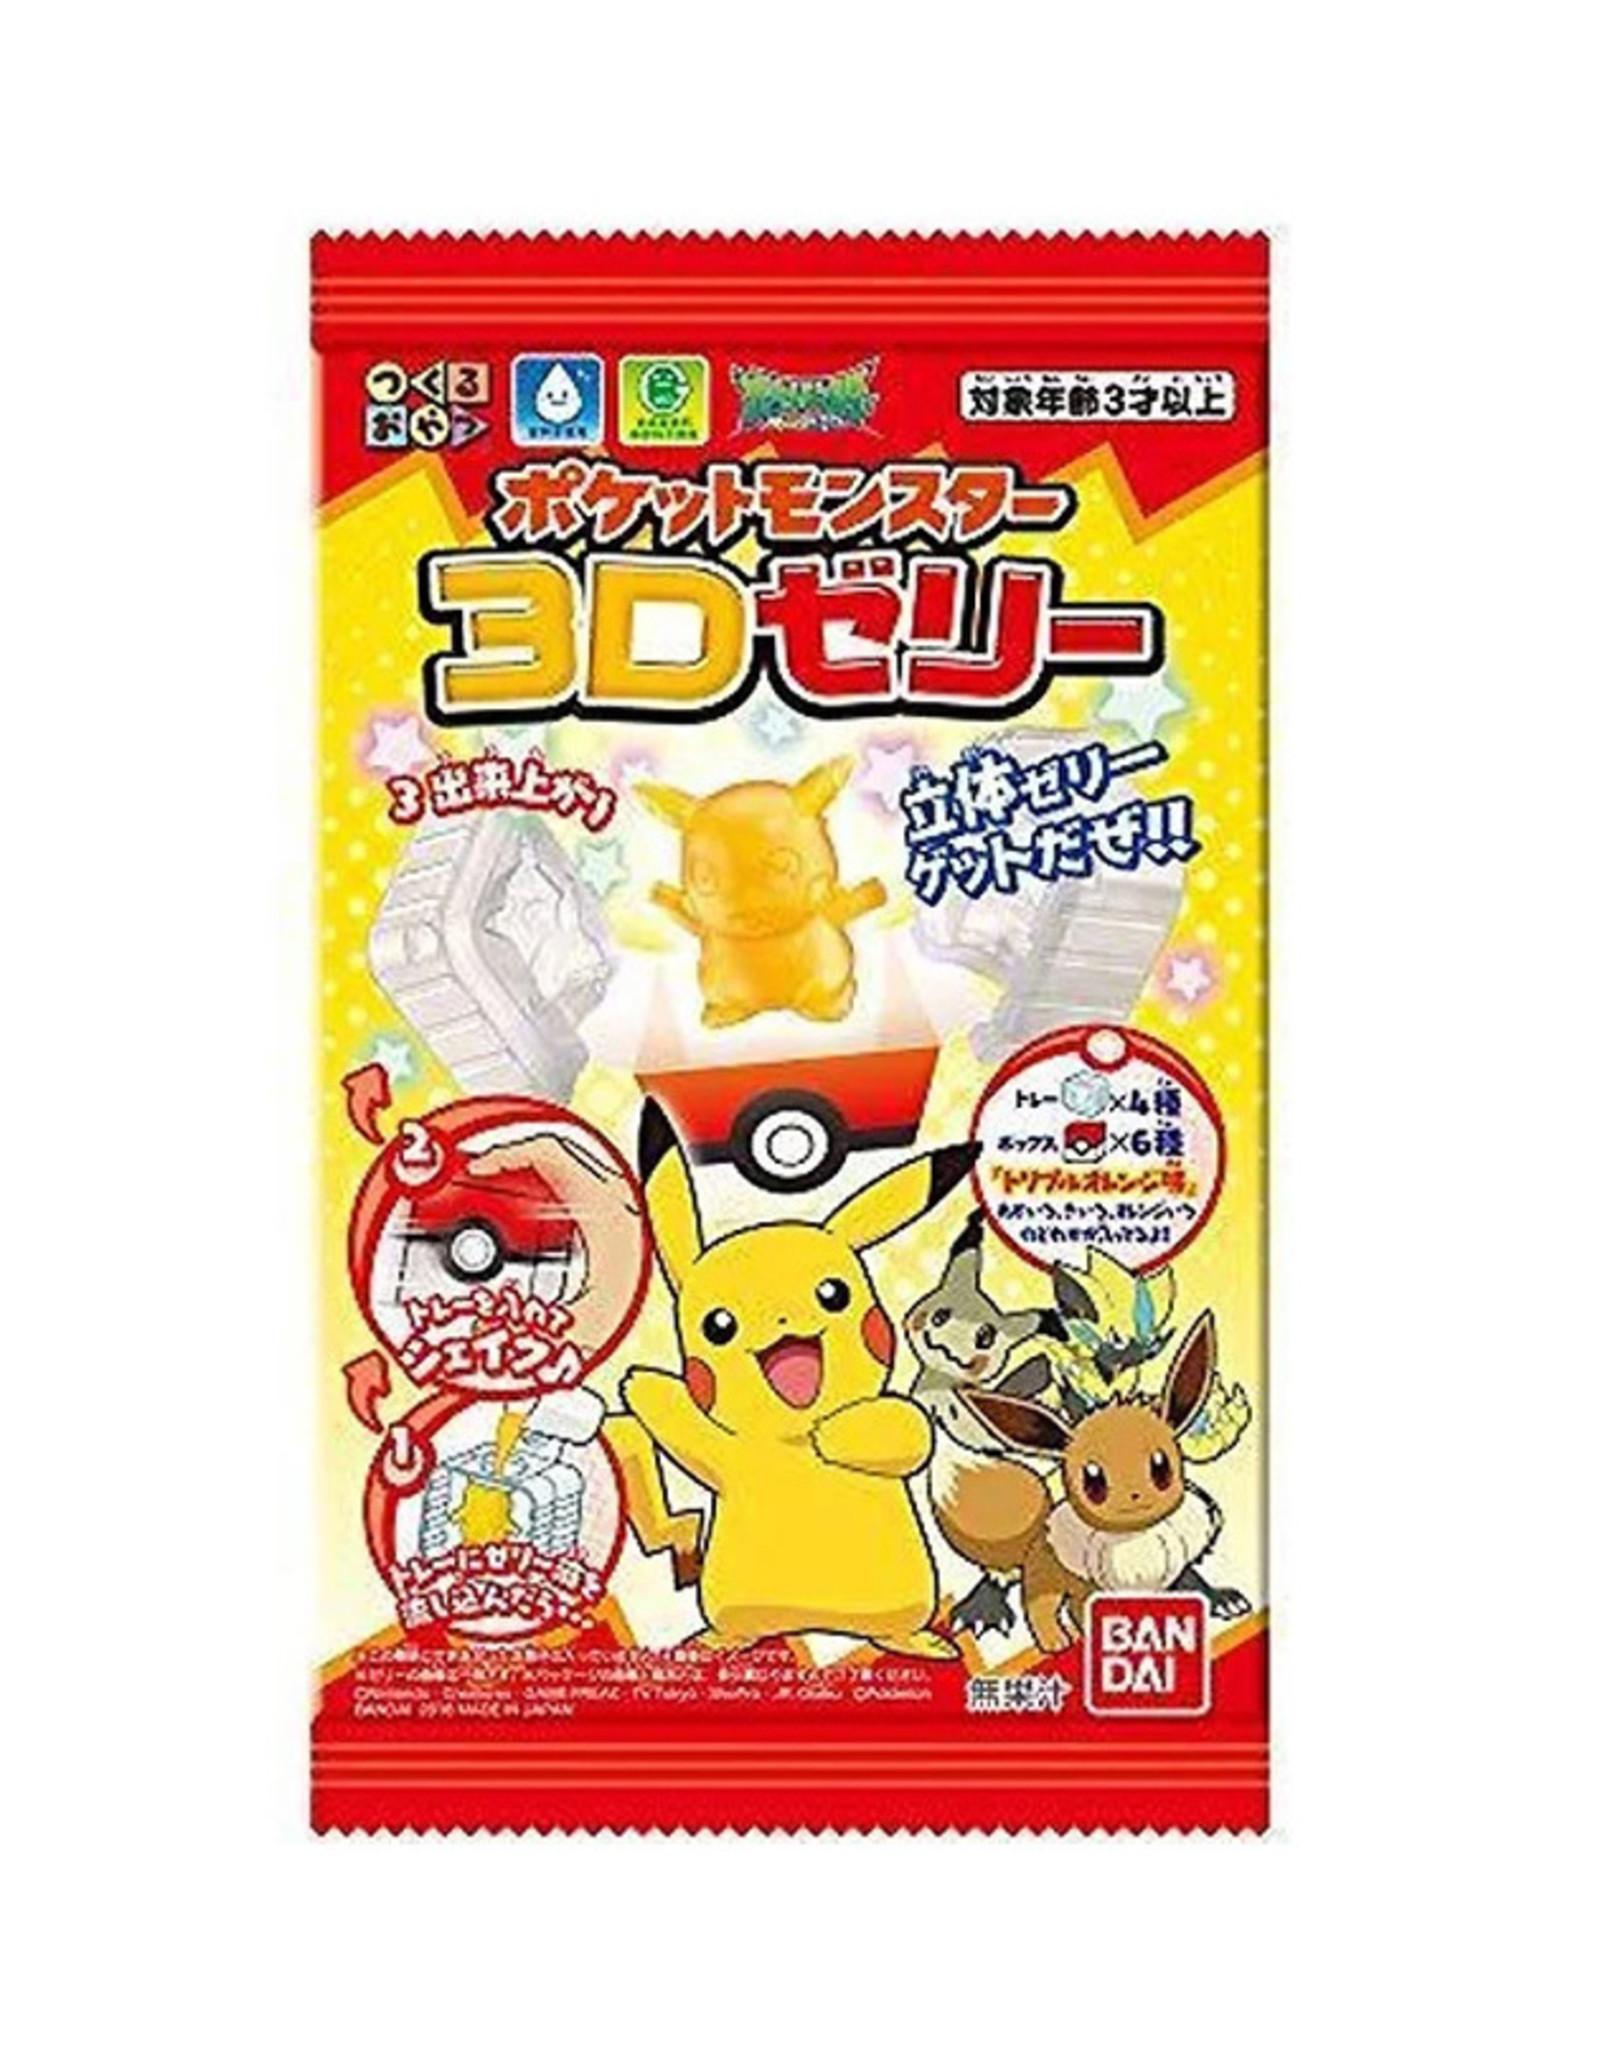 Pokémon 3D Jelly DIY Candy Kit